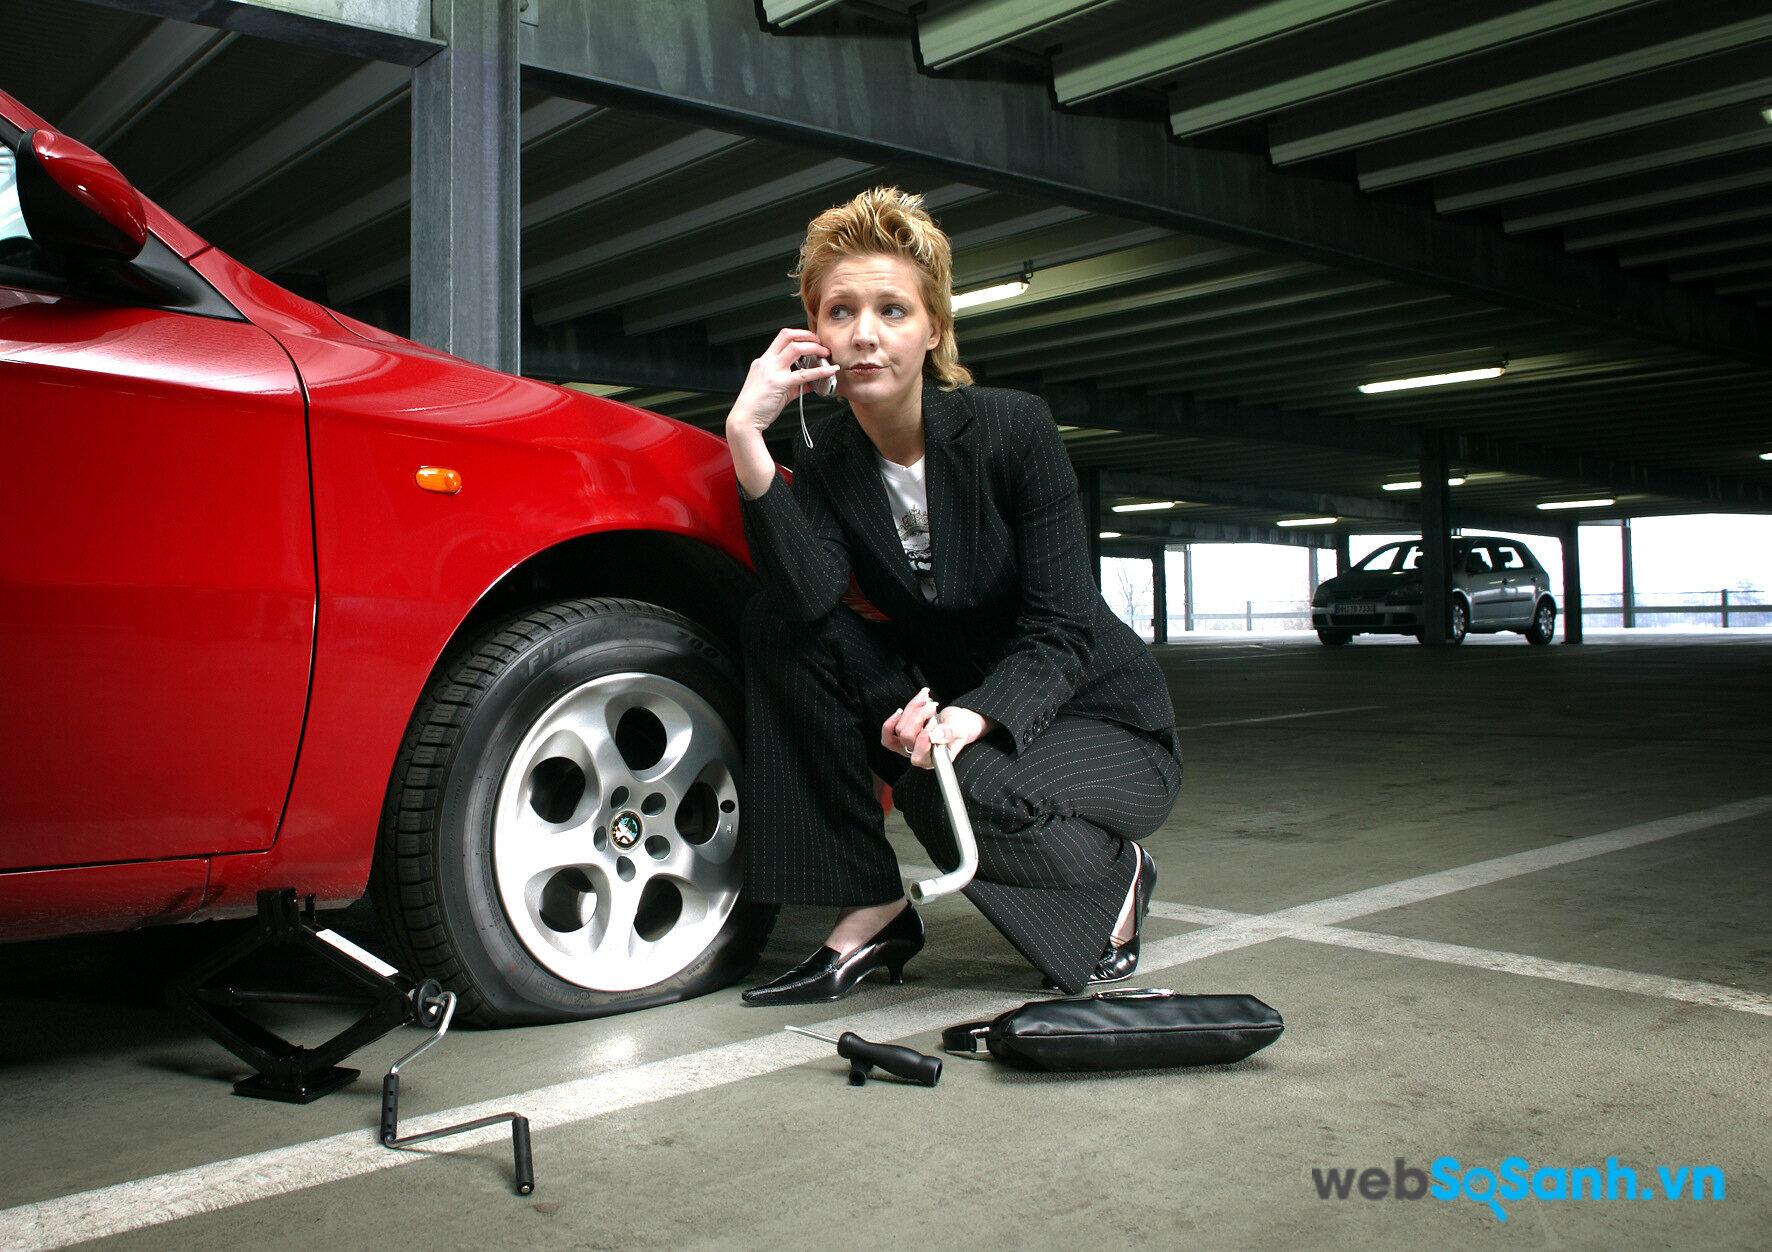 Tùy từng điều kiện vận hành mà chọn loại lốp phù hợp, và tuổi thọ của lốp xe cũng ảnh hưởng không ít từ điều kiện đường xá